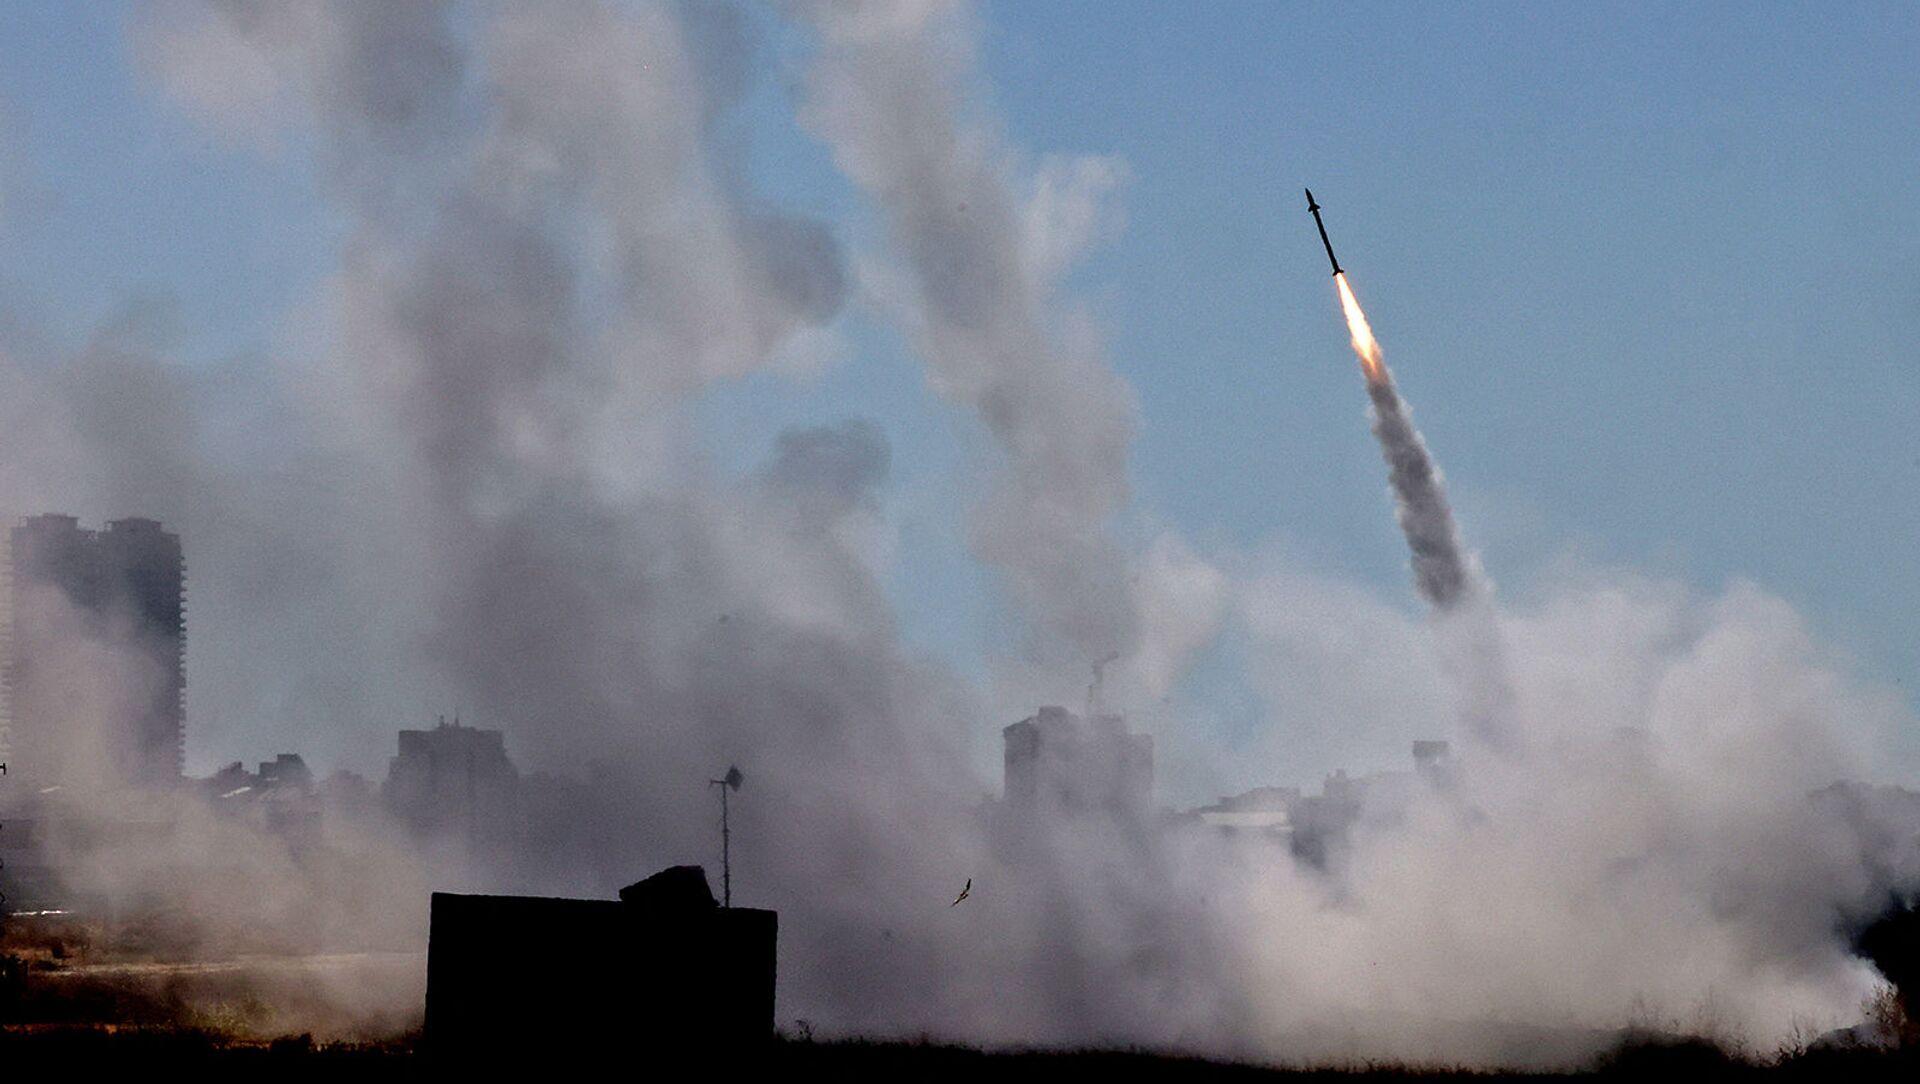 Система противовоздушной обороны Израиля Iron Dome активирована для перехвата ракеты, запущенной из сектора Газа, контролируемого палестинским движением ХАМАС (12 мая 2021). Ашдод - Sputnik Արմենիա, 1920, 10.06.2021